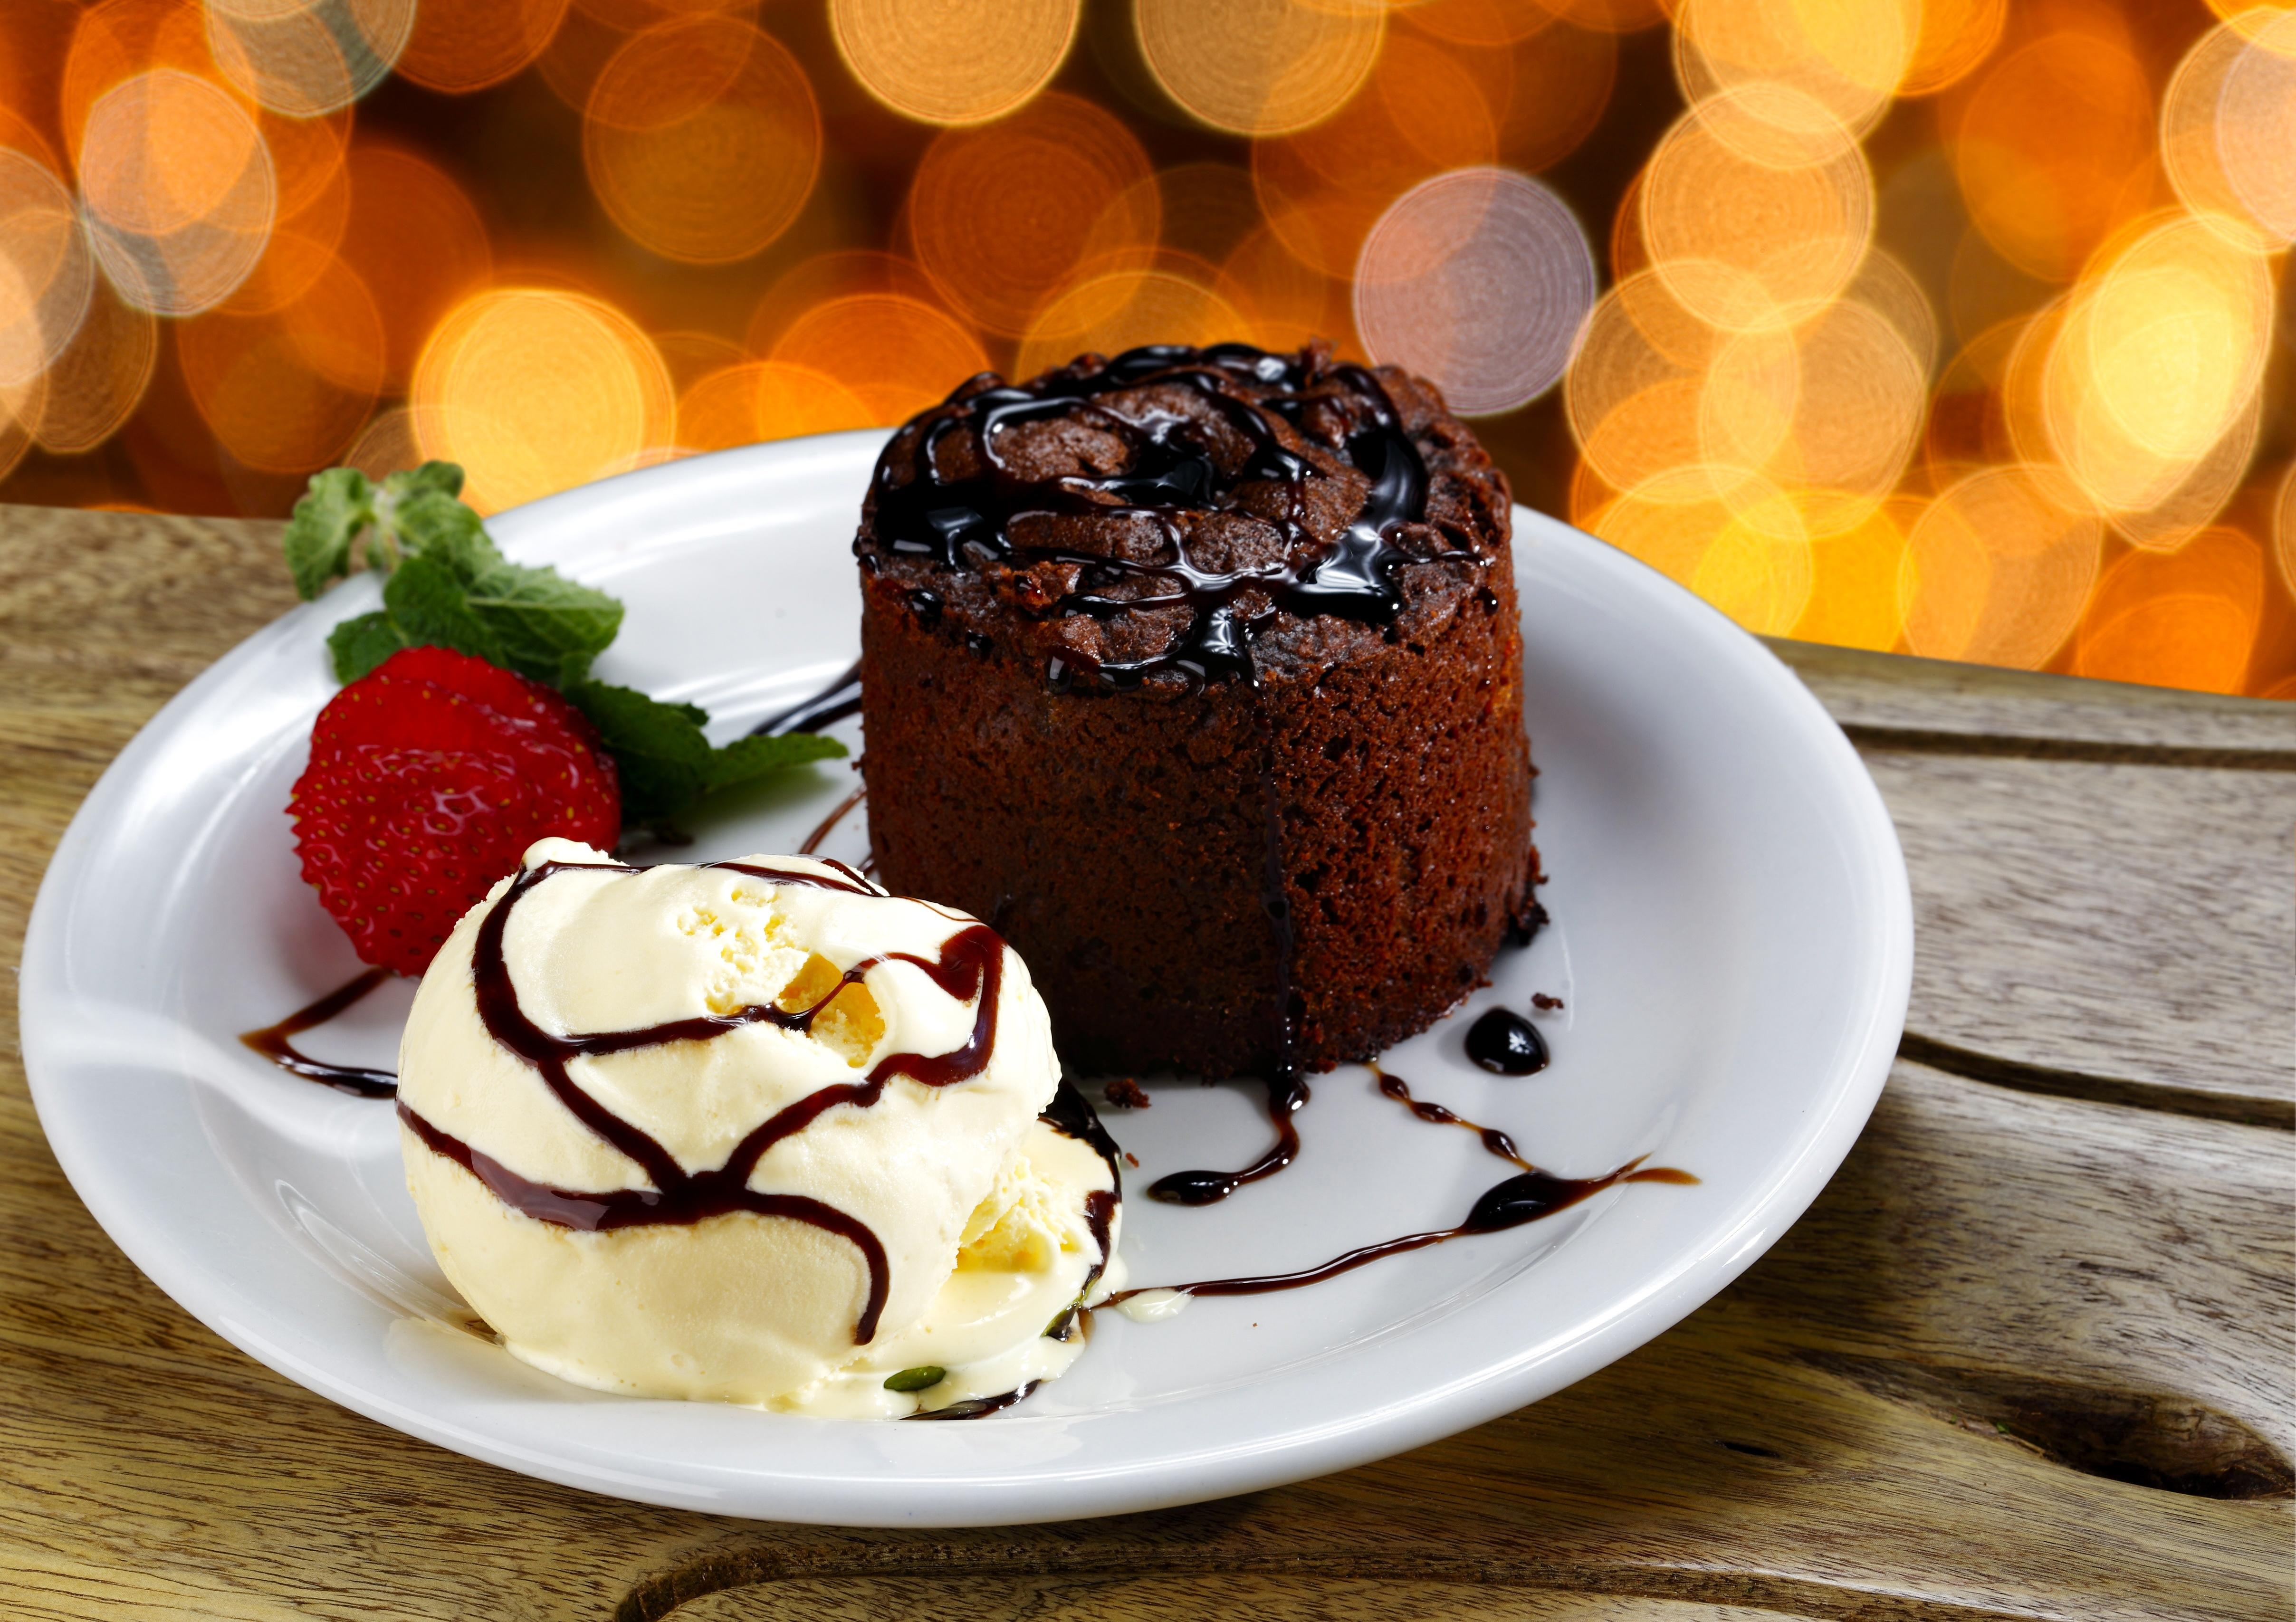 пирожное клубника тарелка десерт  № 3679720 бесплатно